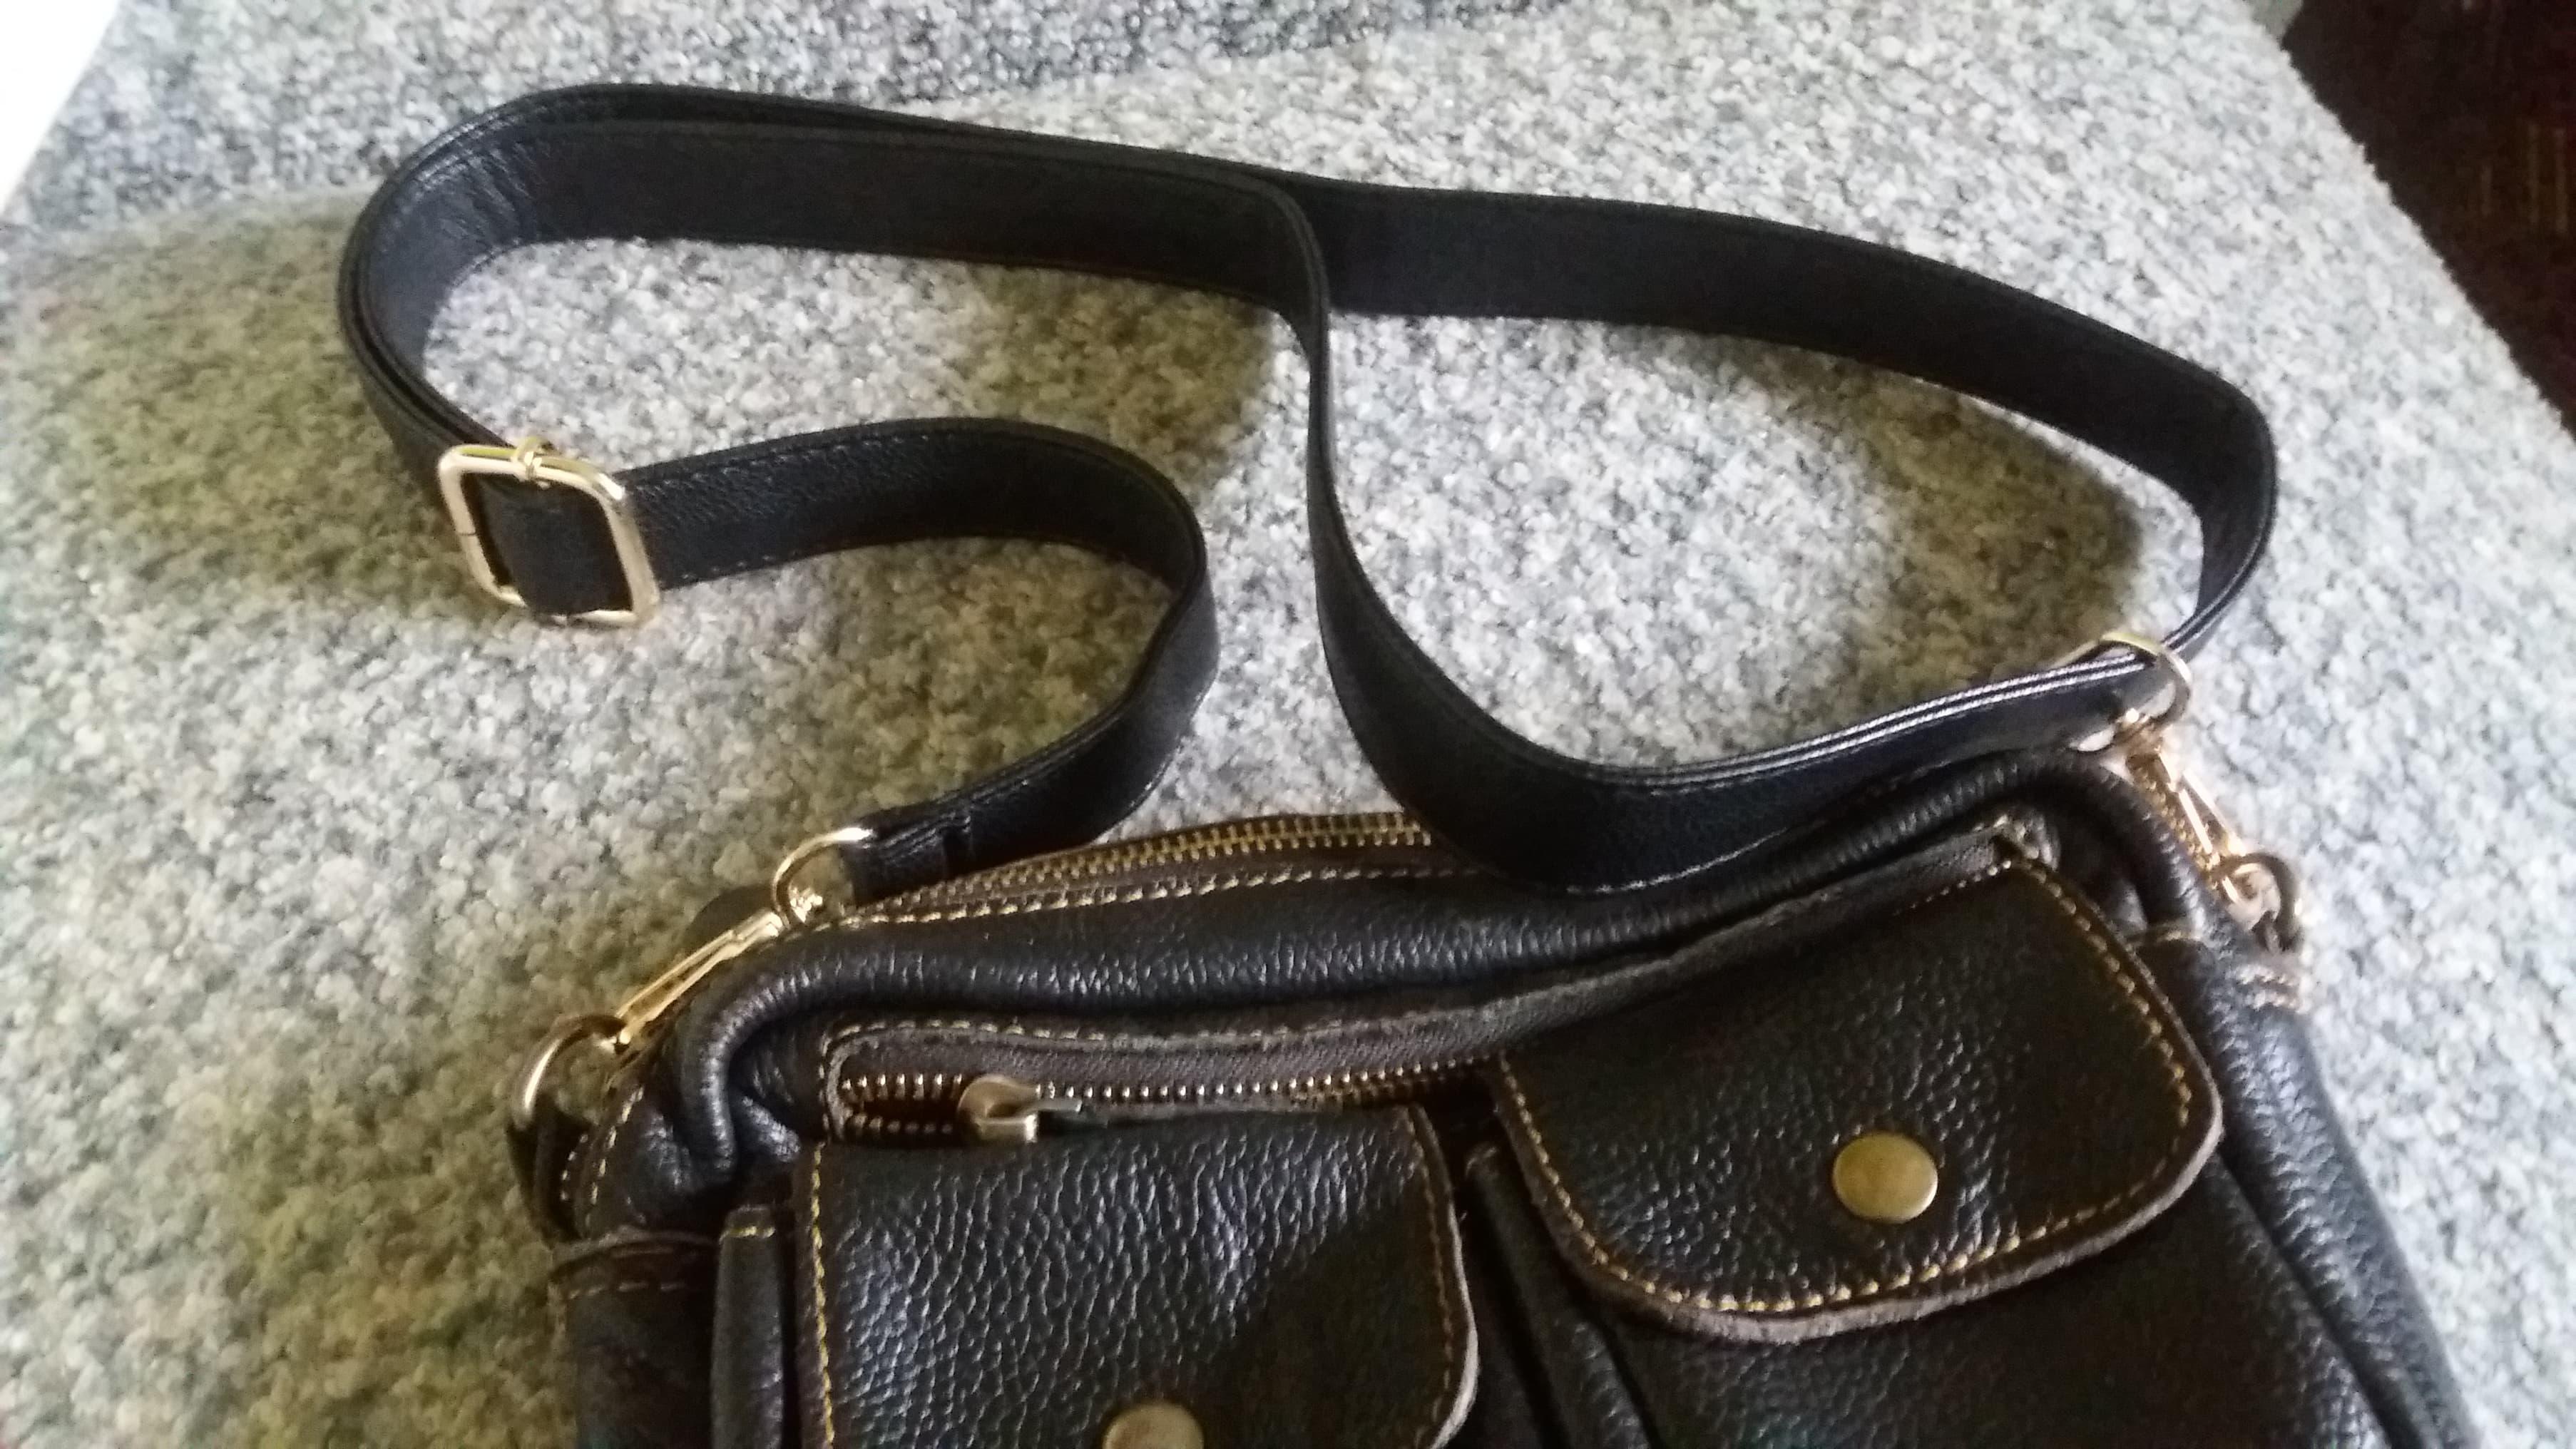 Tas Handgreep Zwart PU Dame handtas accessoires Met Karabijnhaak / Hondenhaak 2.5cm 2cm 1.2cm breedte photo review